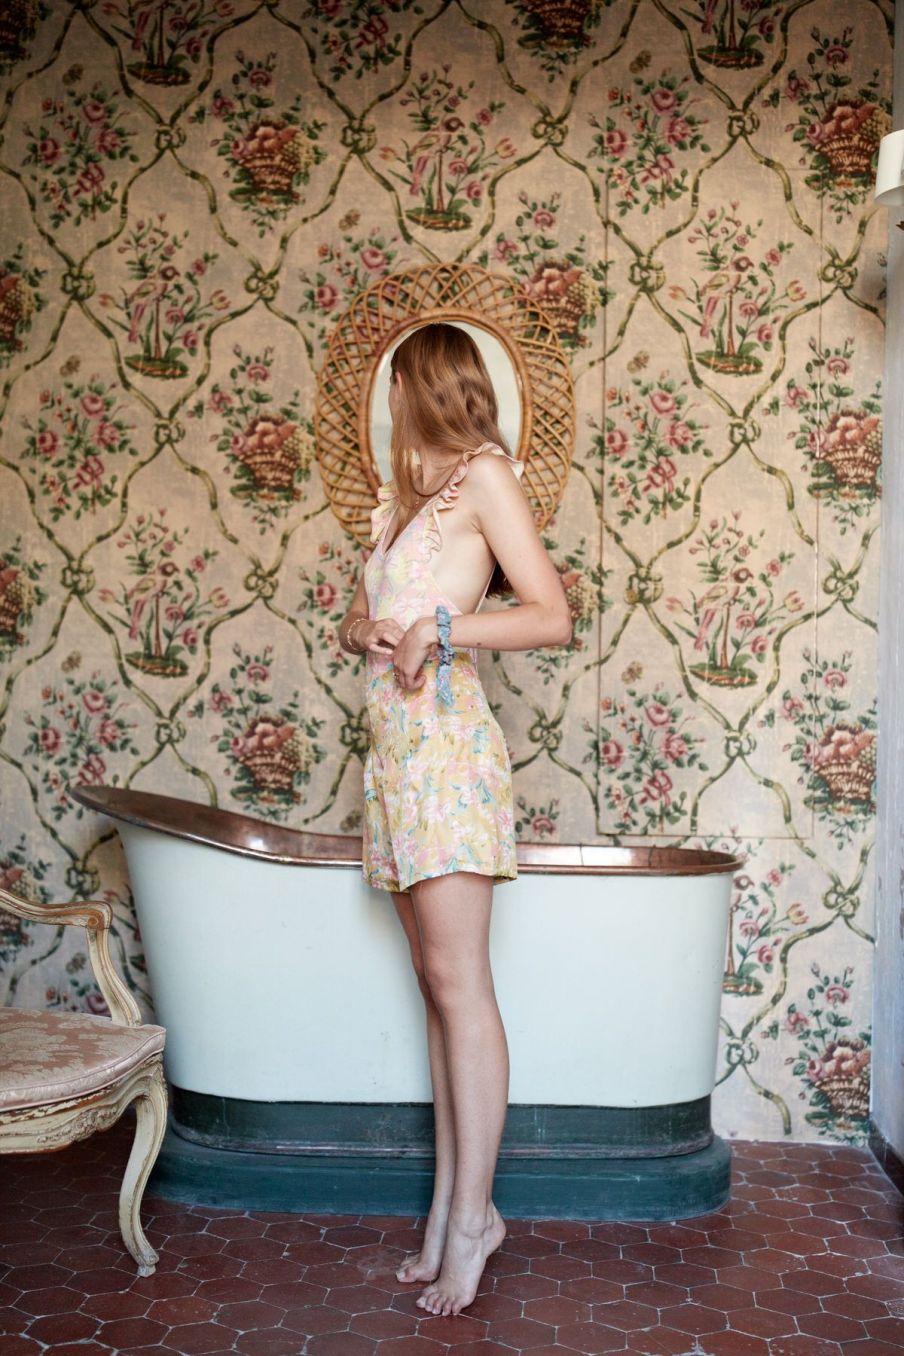 boheme chic vintage maillot de bain femme reva sienna parrots